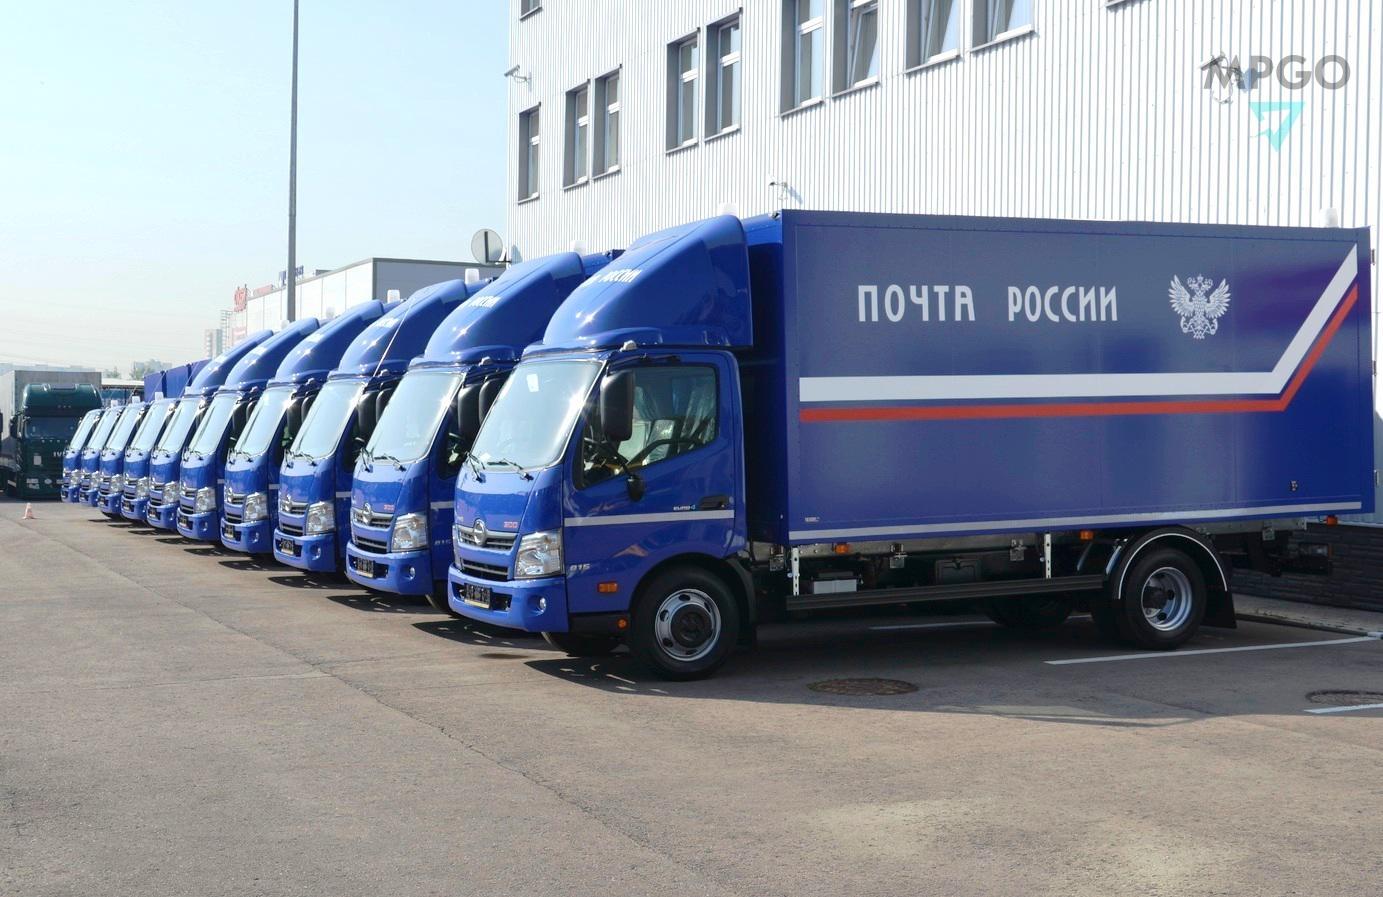 Почта России вышла на рынок доставки лекарств